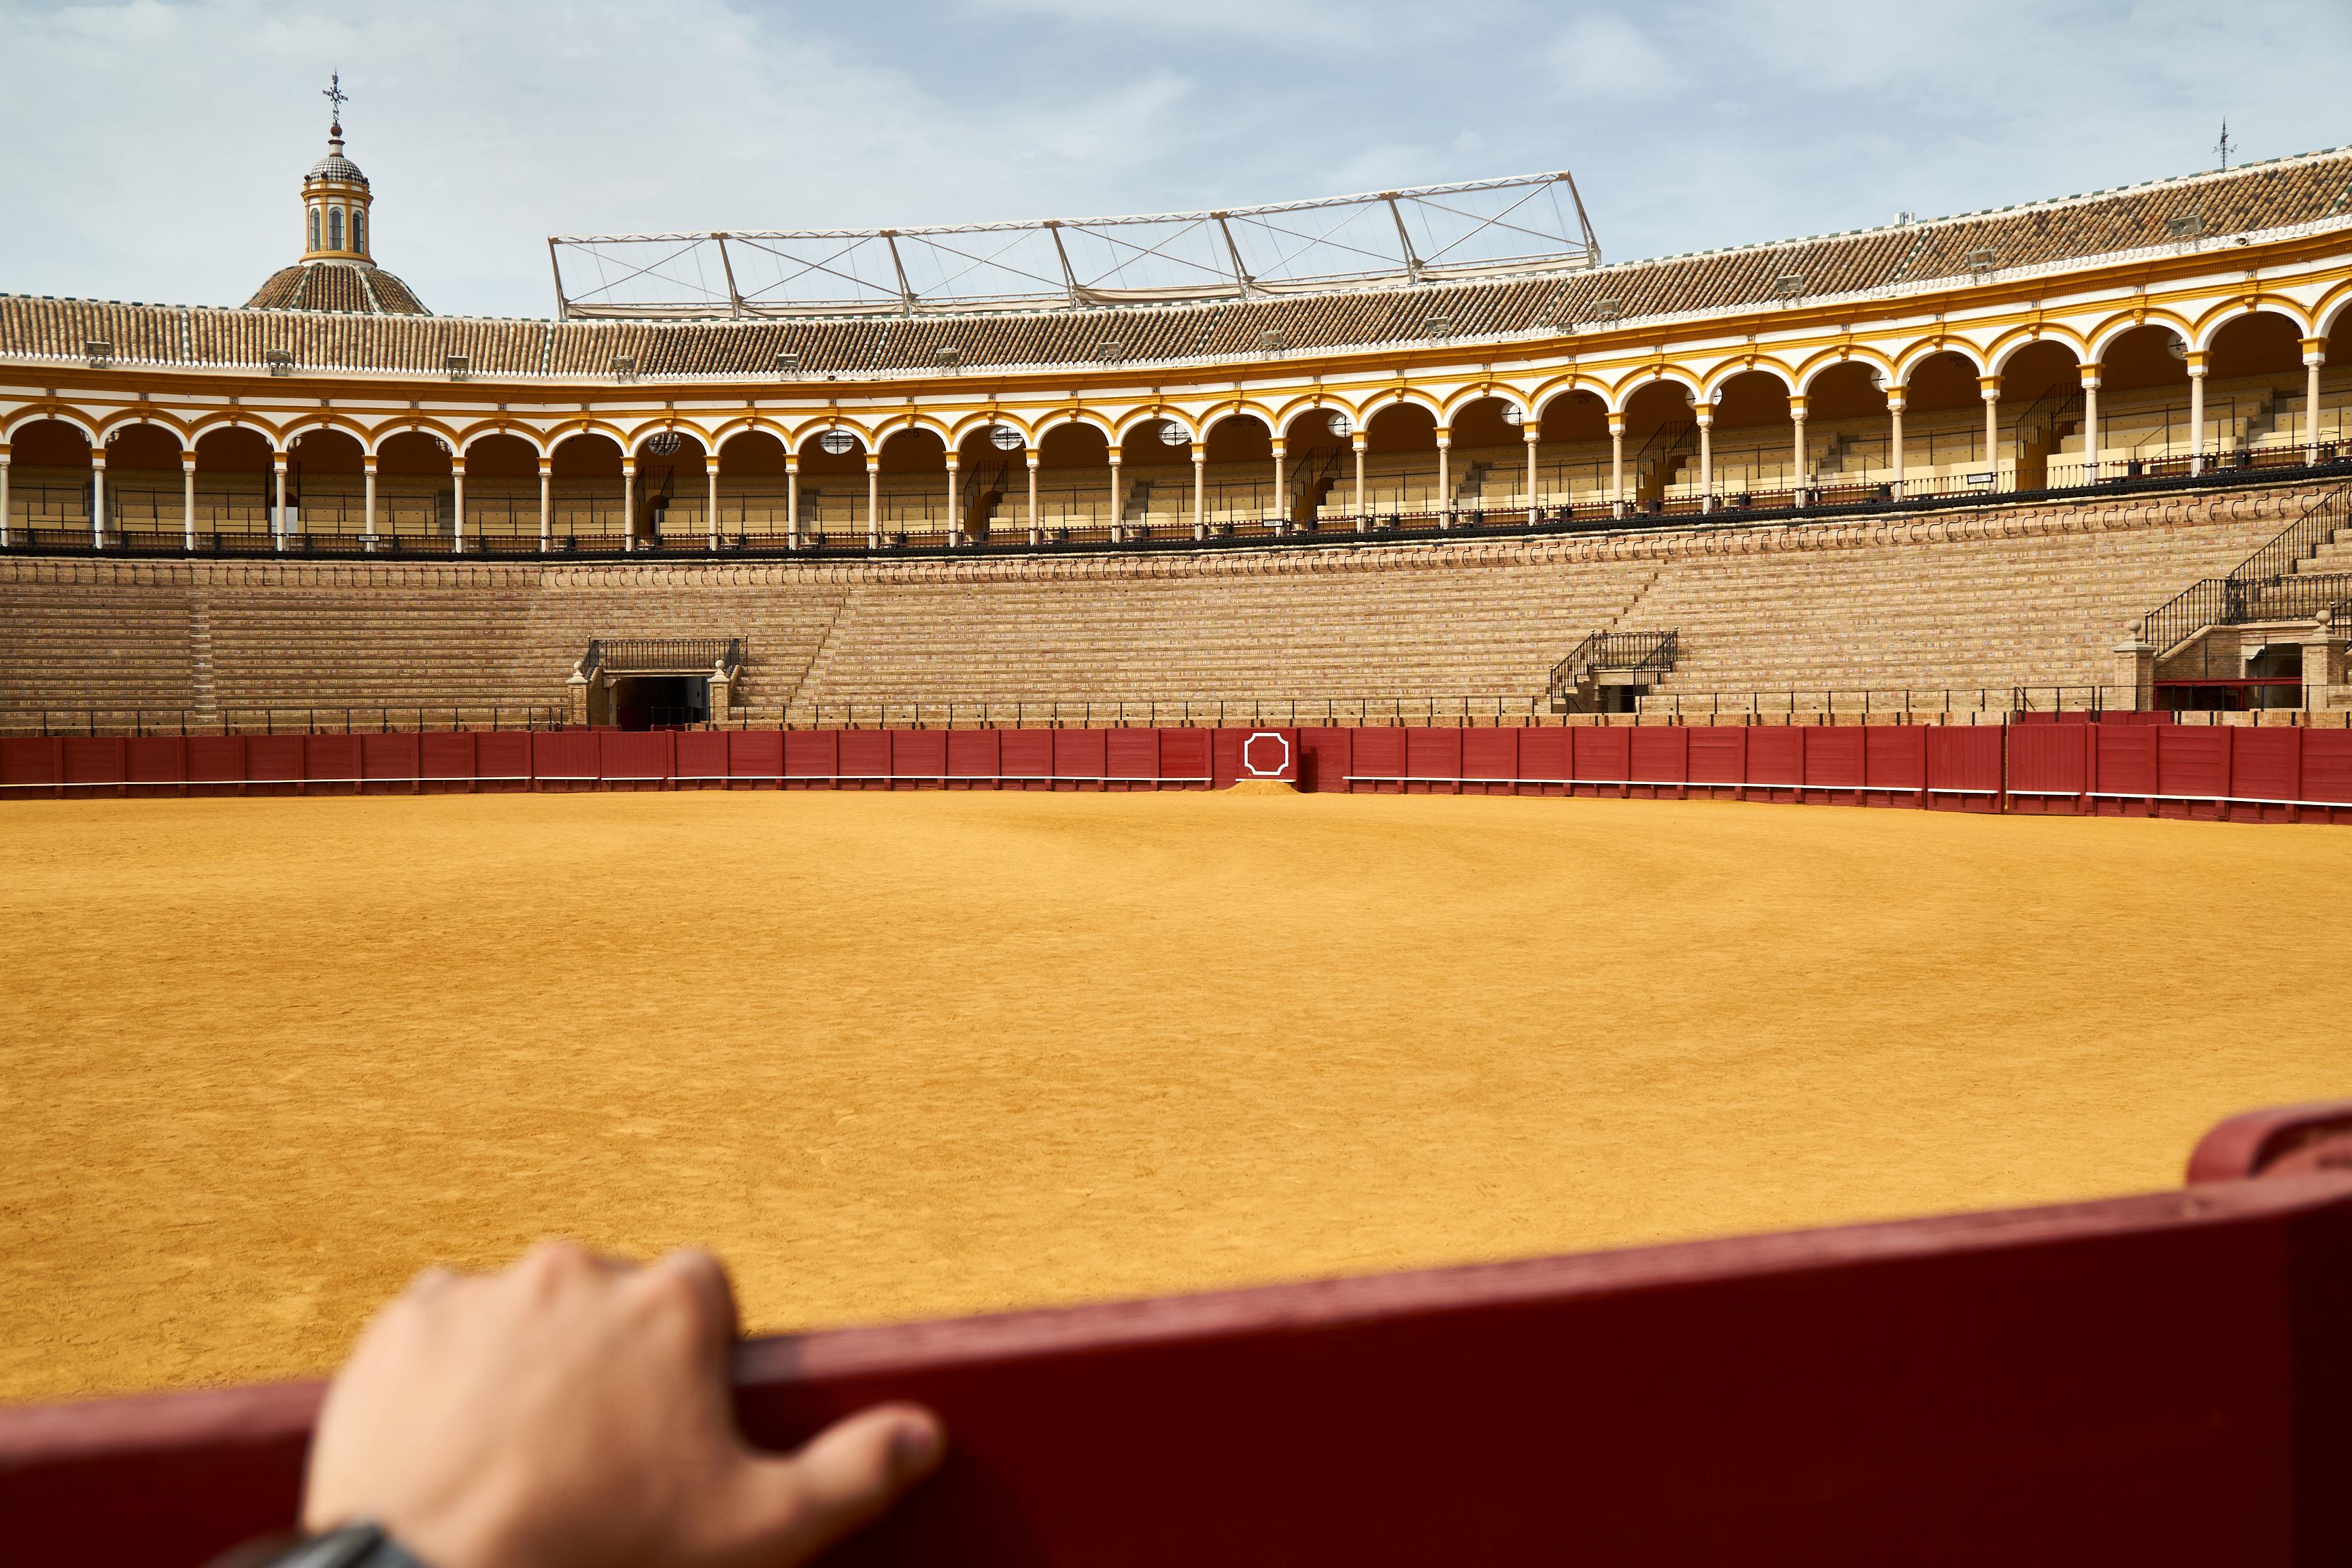 inside the plaza de torros